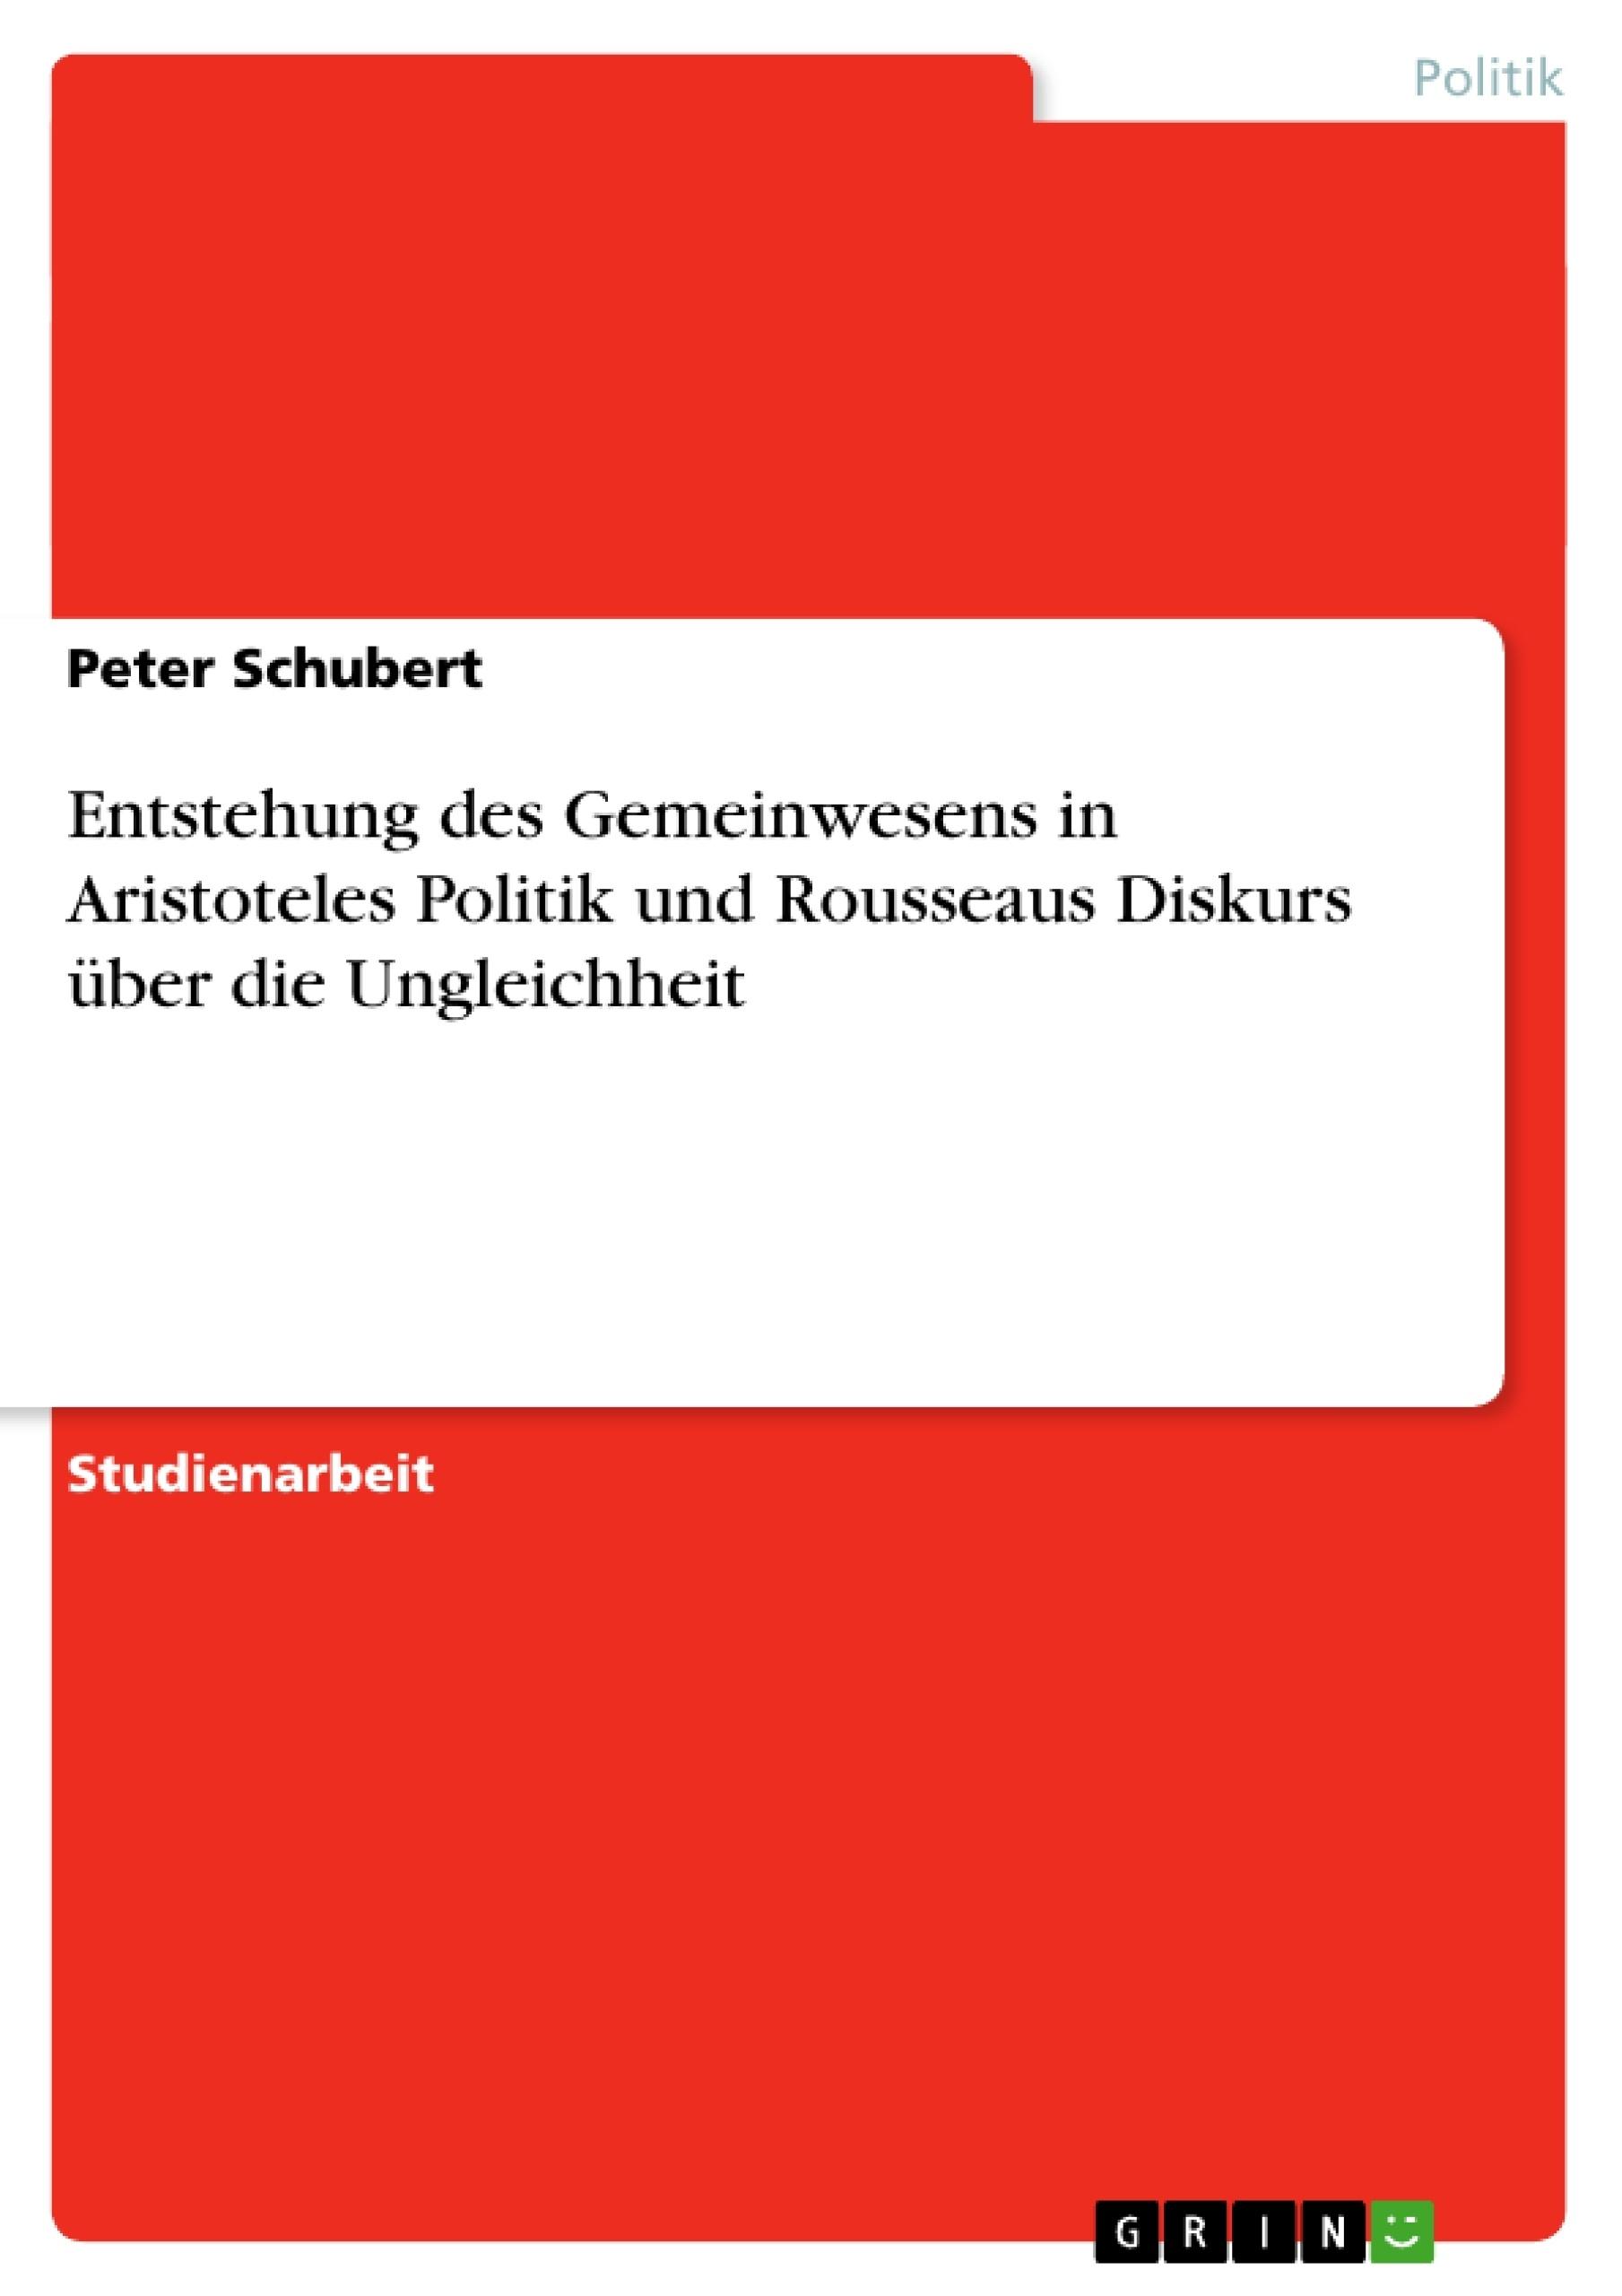 Titel: Entstehung des Gemeinwesens in Aristoteles Politik und Rousseaus Diskurs über die Ungleichheit